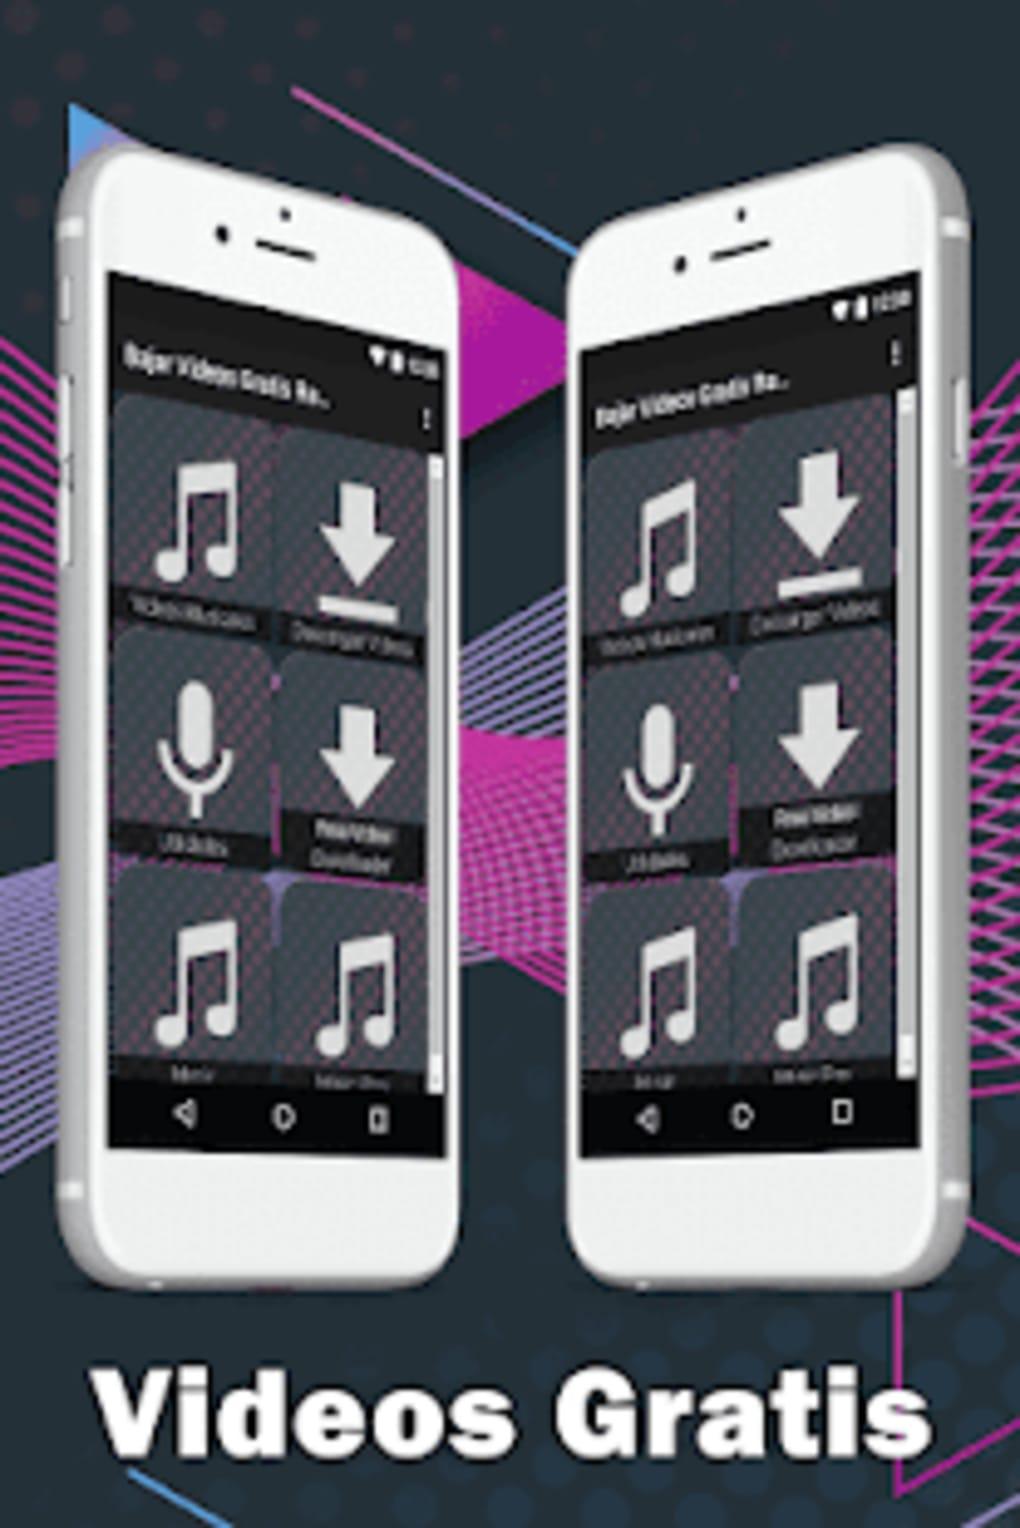 descargar musica gratis mp4 para celular android